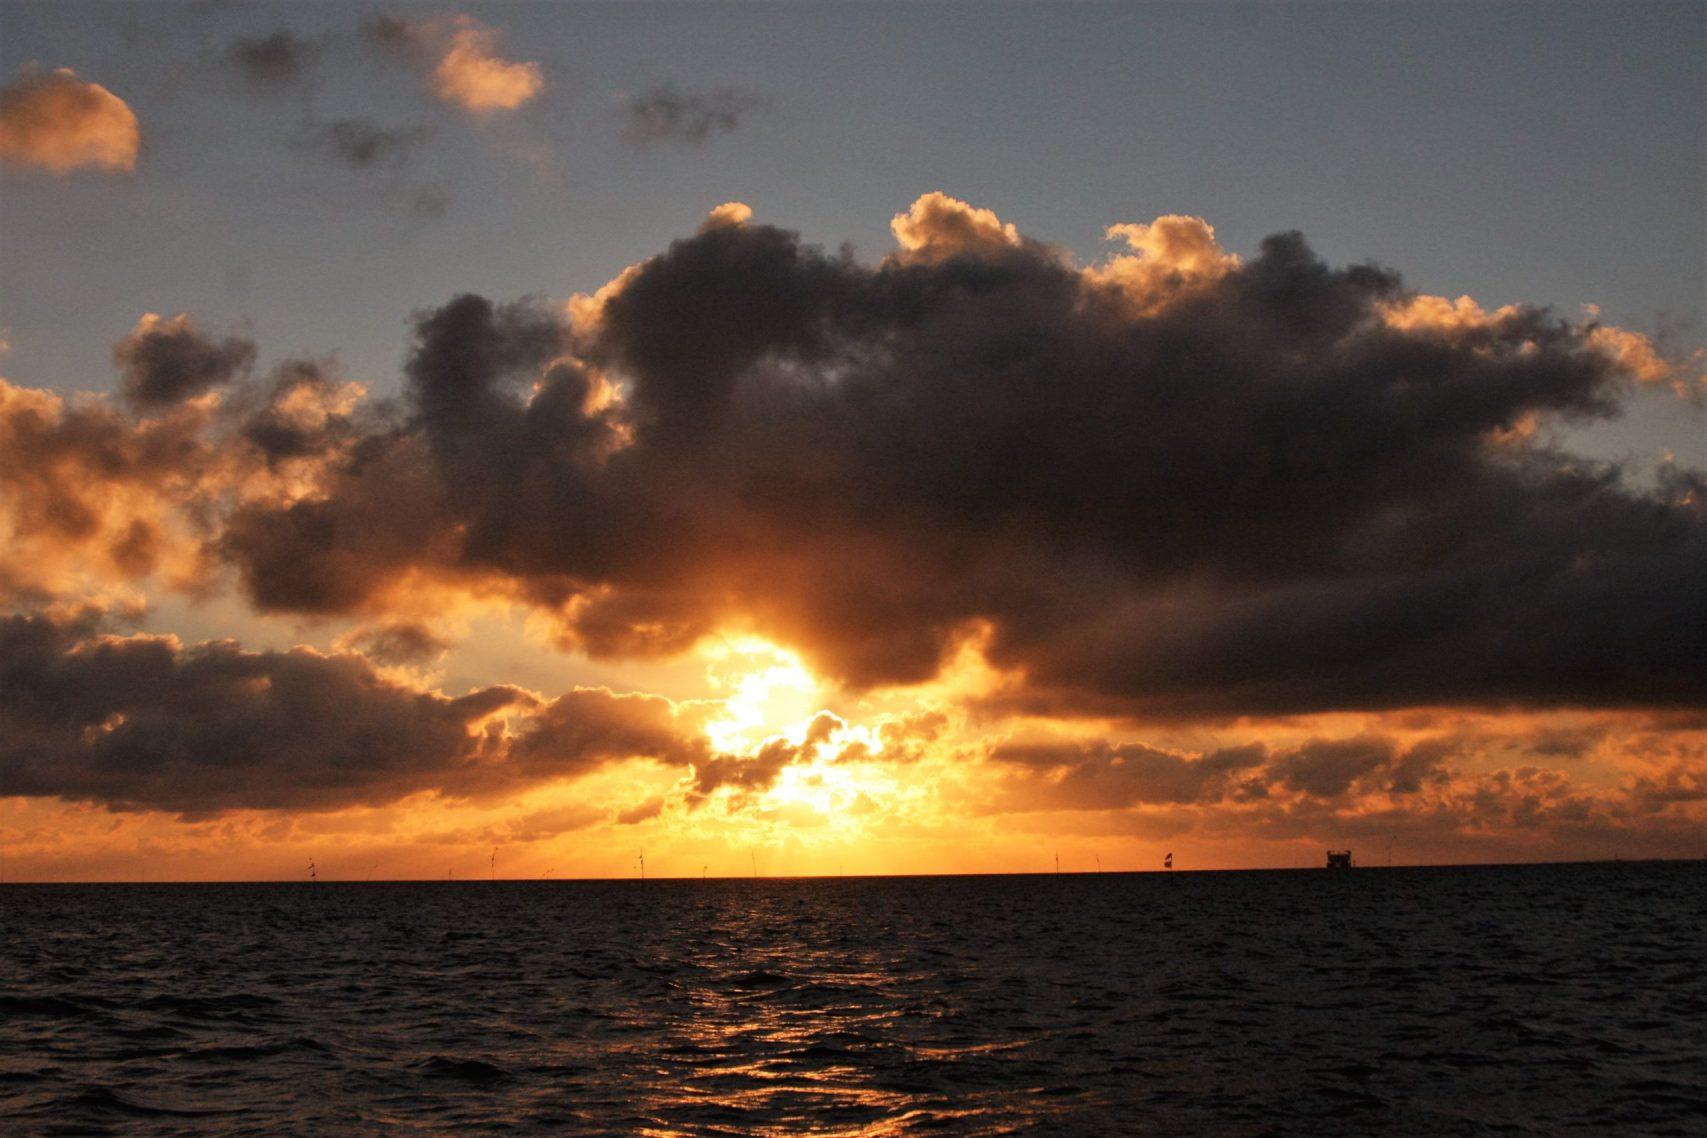 Ondergaande zon met donkere wolken boven zee tijdens zeilvakantie op de Nederlandse Waddenzee